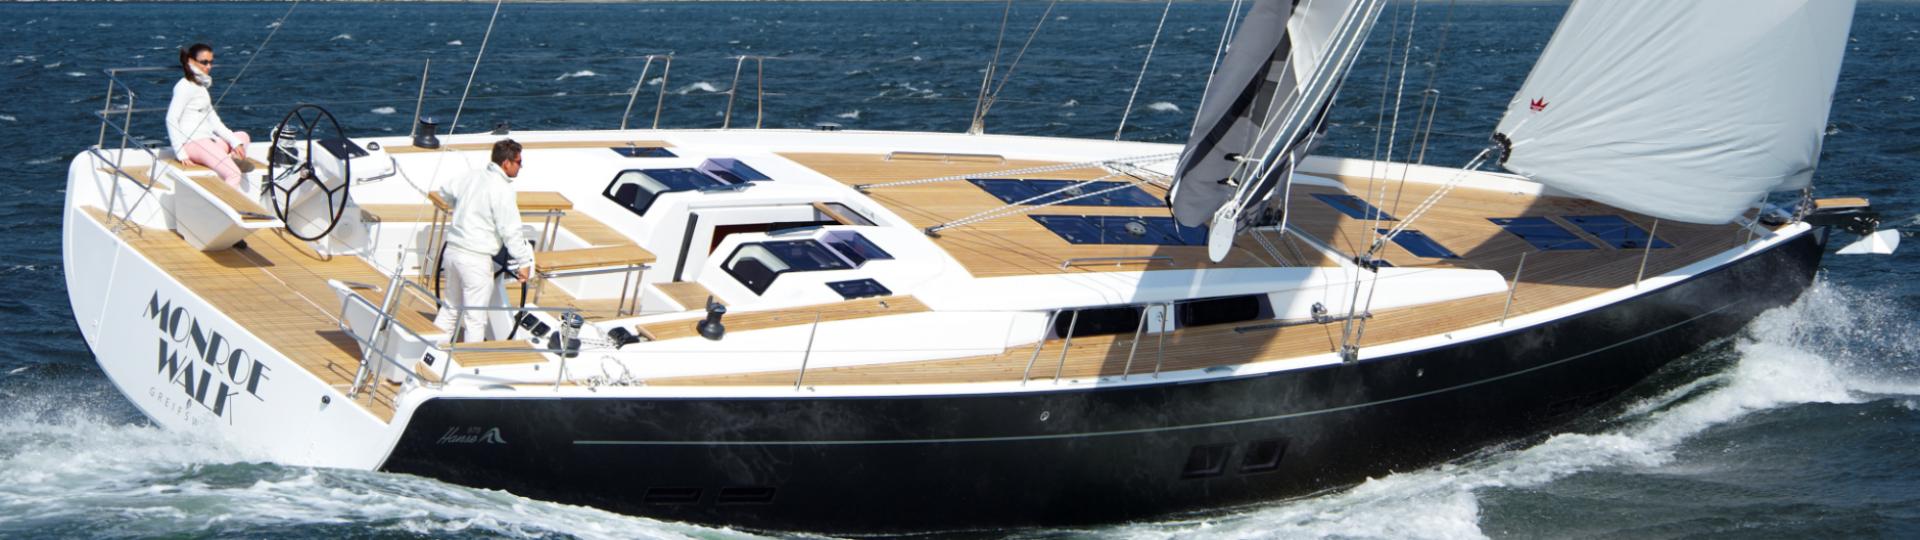 Luxus segelyachten  Yachtcharter und Segelurlaub | BlueSun Yachts